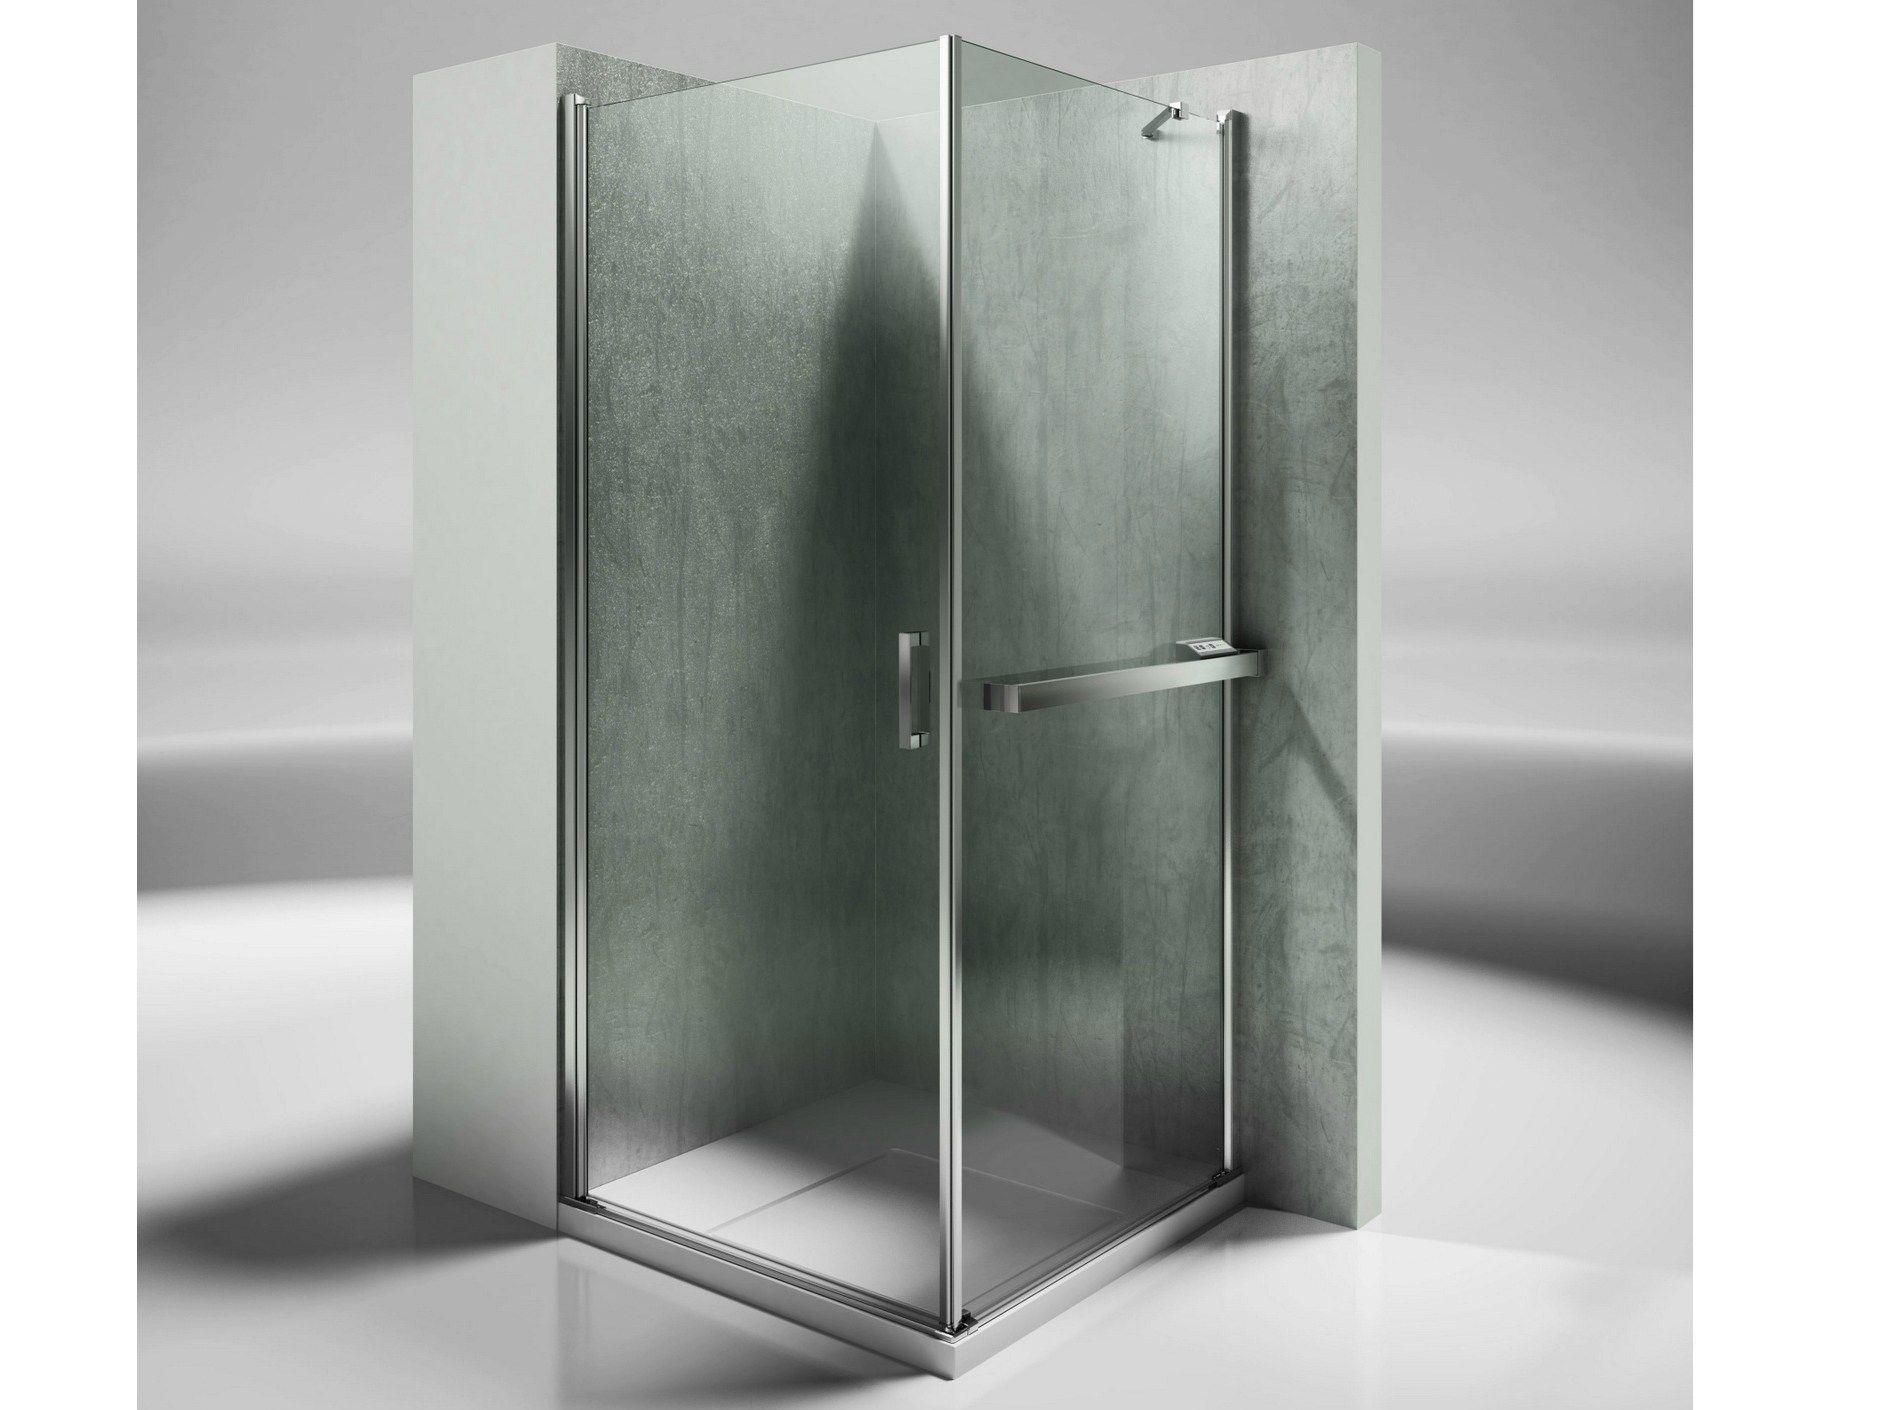 Paroi verre sur mesure - Paroi de douche en verre trempe ...